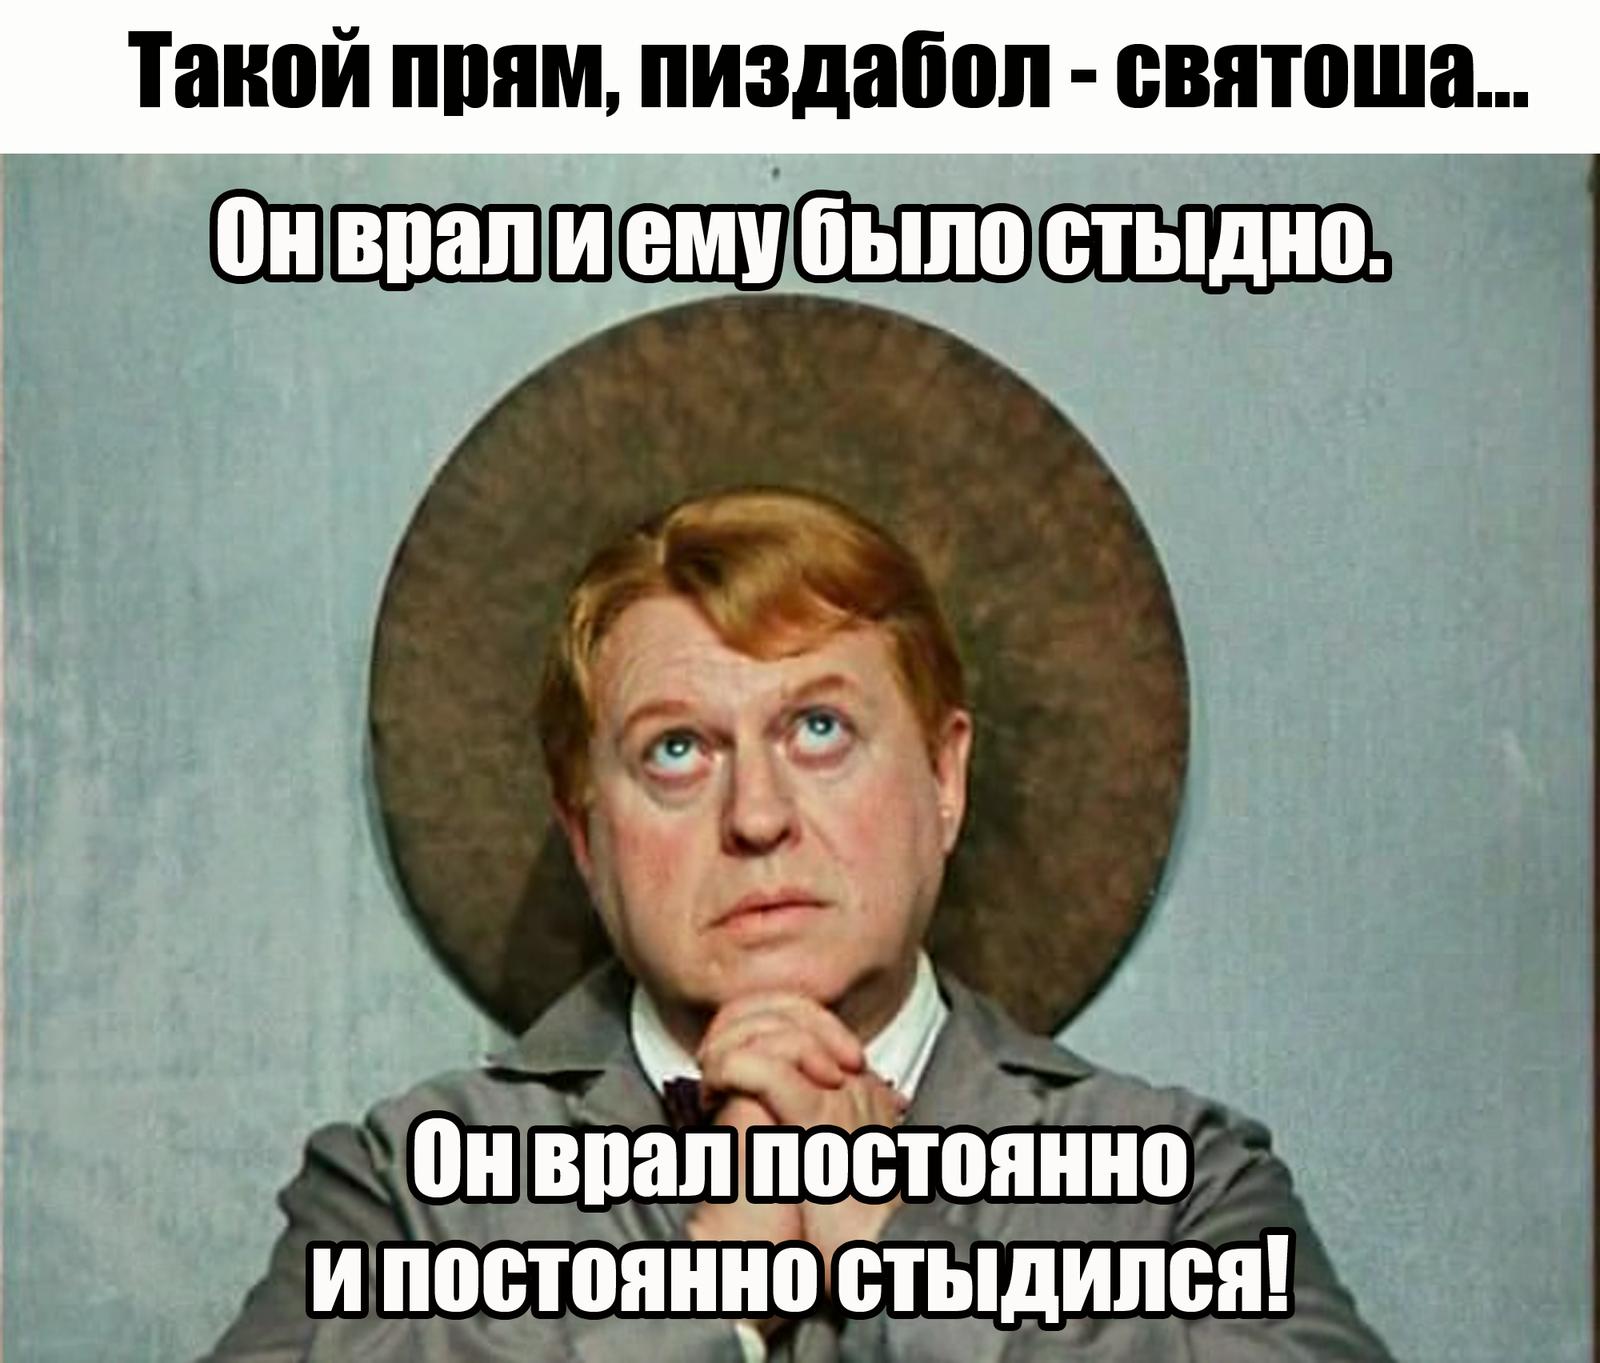 Через рік українці їздитимуть країною зі смартфоном і без жодного документа, - Федоров - Цензор.НЕТ 7154